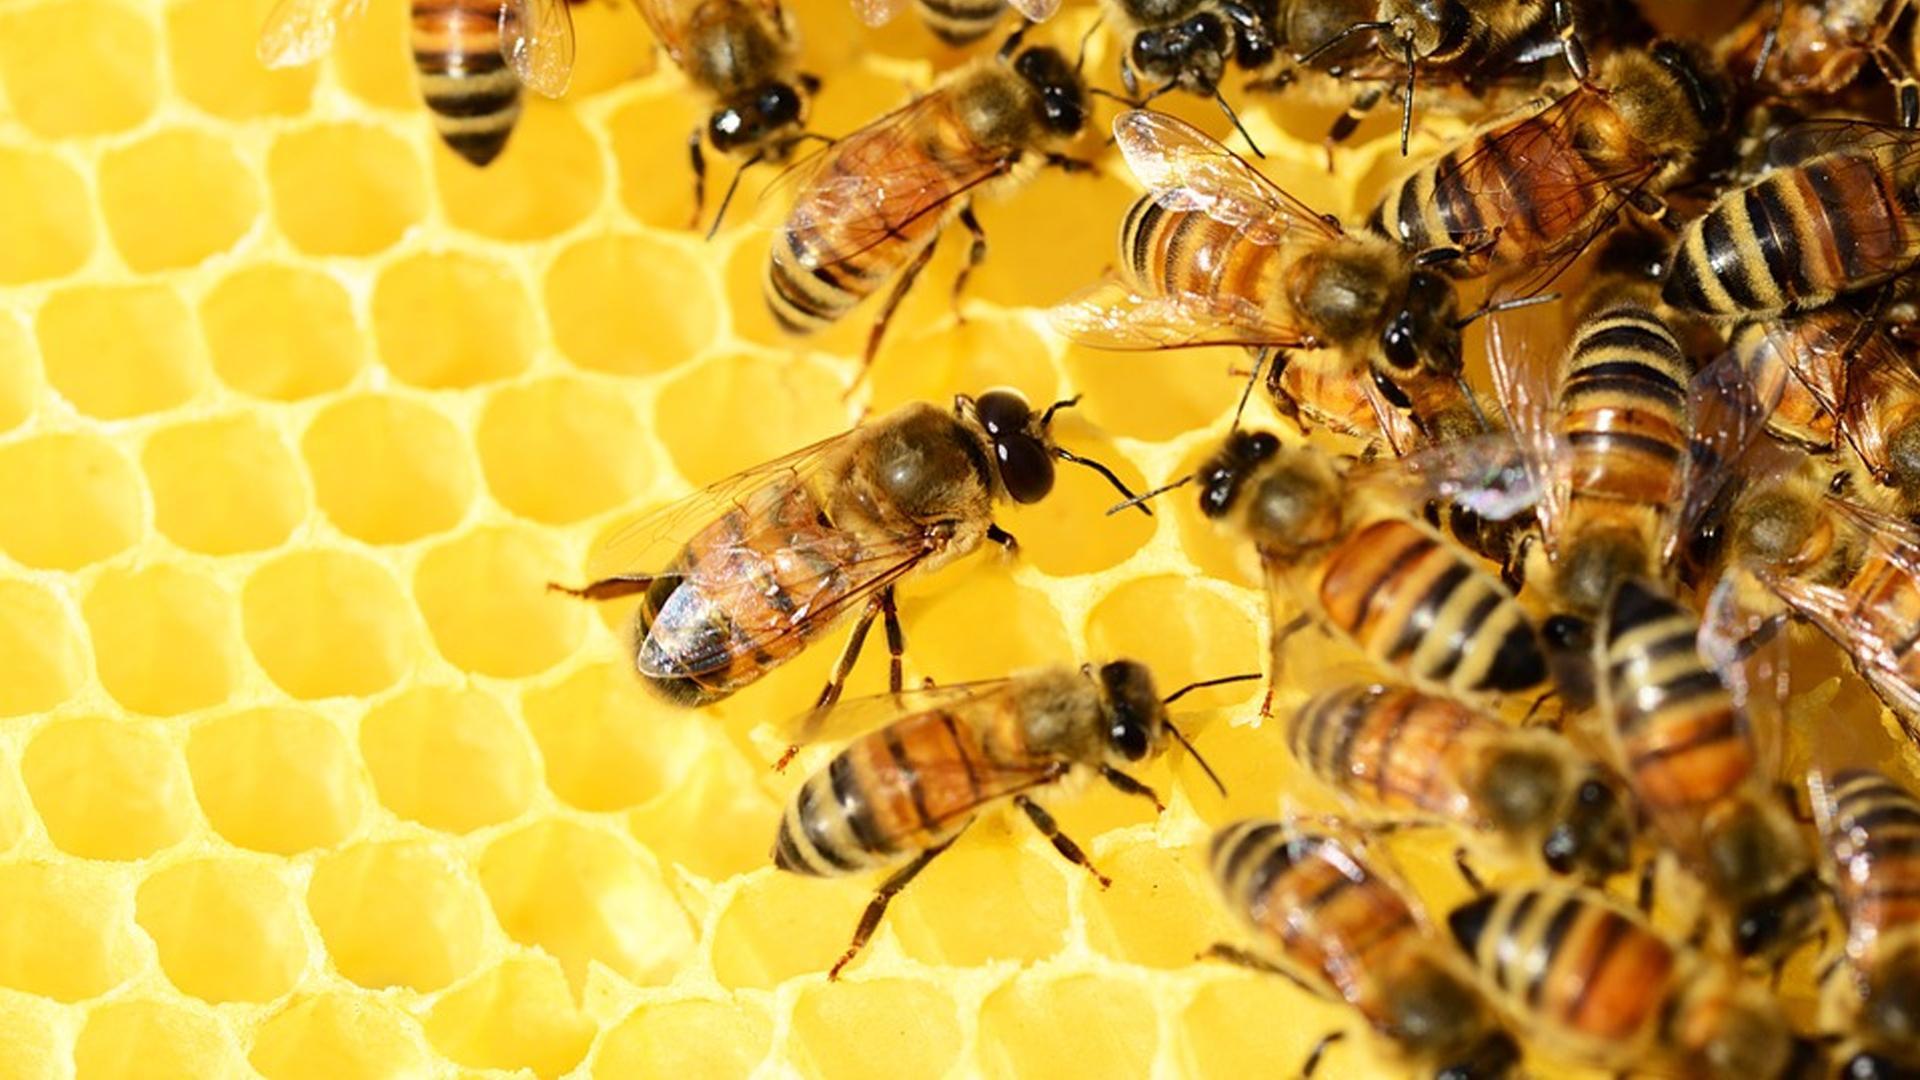 Ob Veganer Honig essen: Das erfahren Sie hier